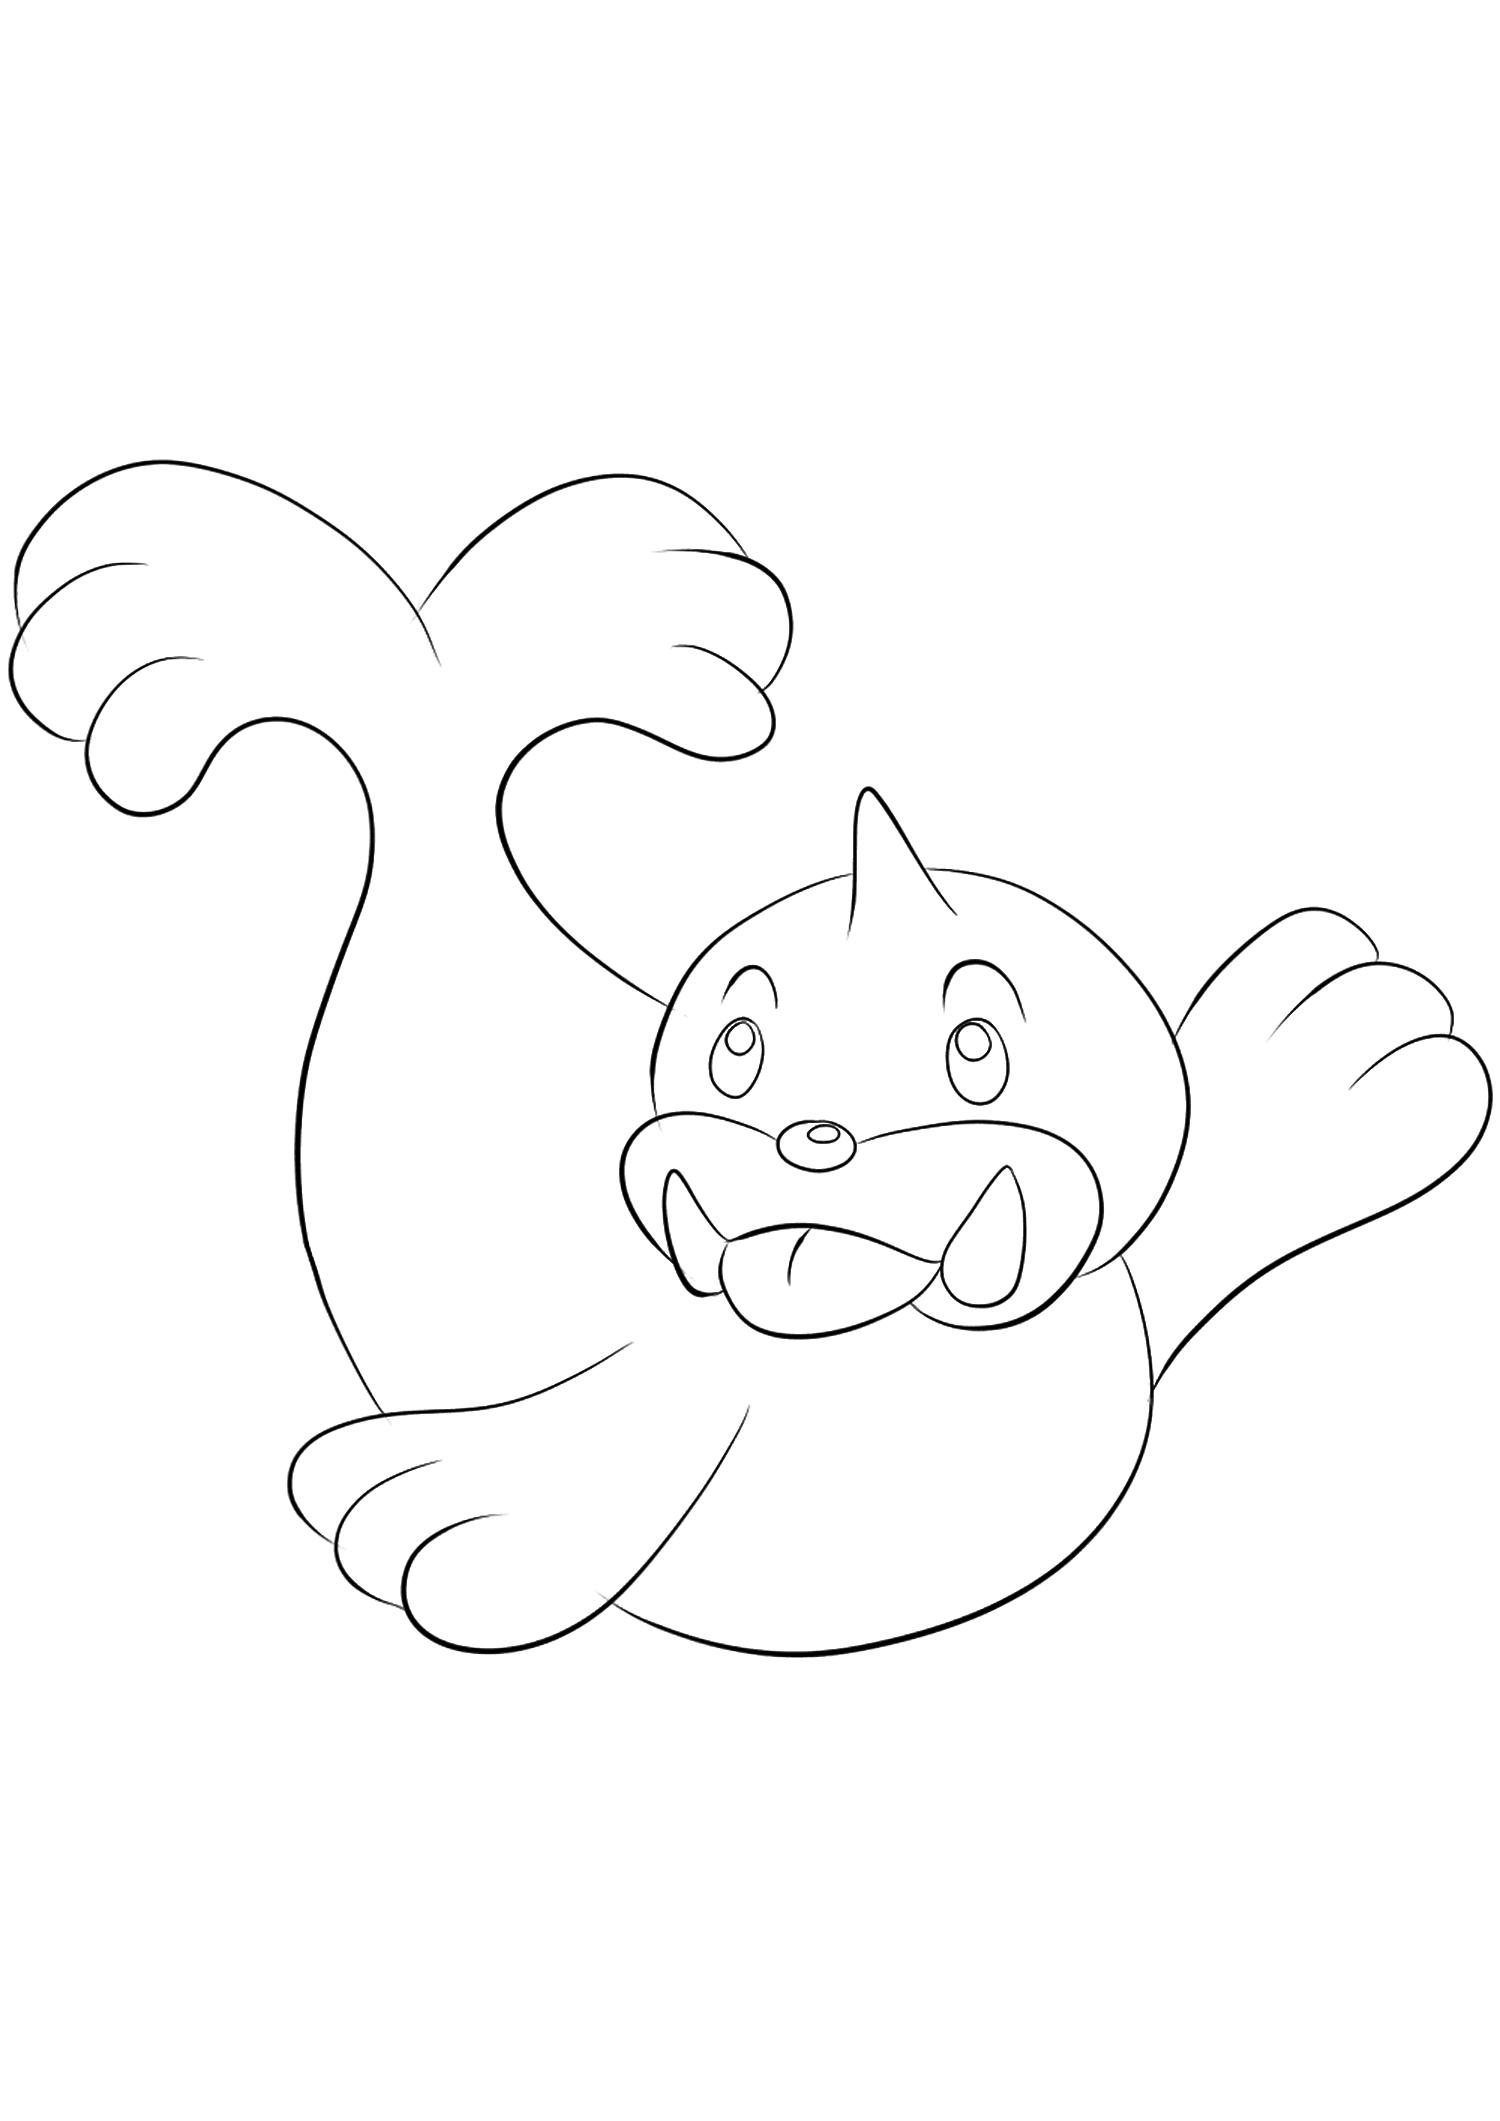 Otaria No 86 Pokemon De Generation I Tous Les Coloriages